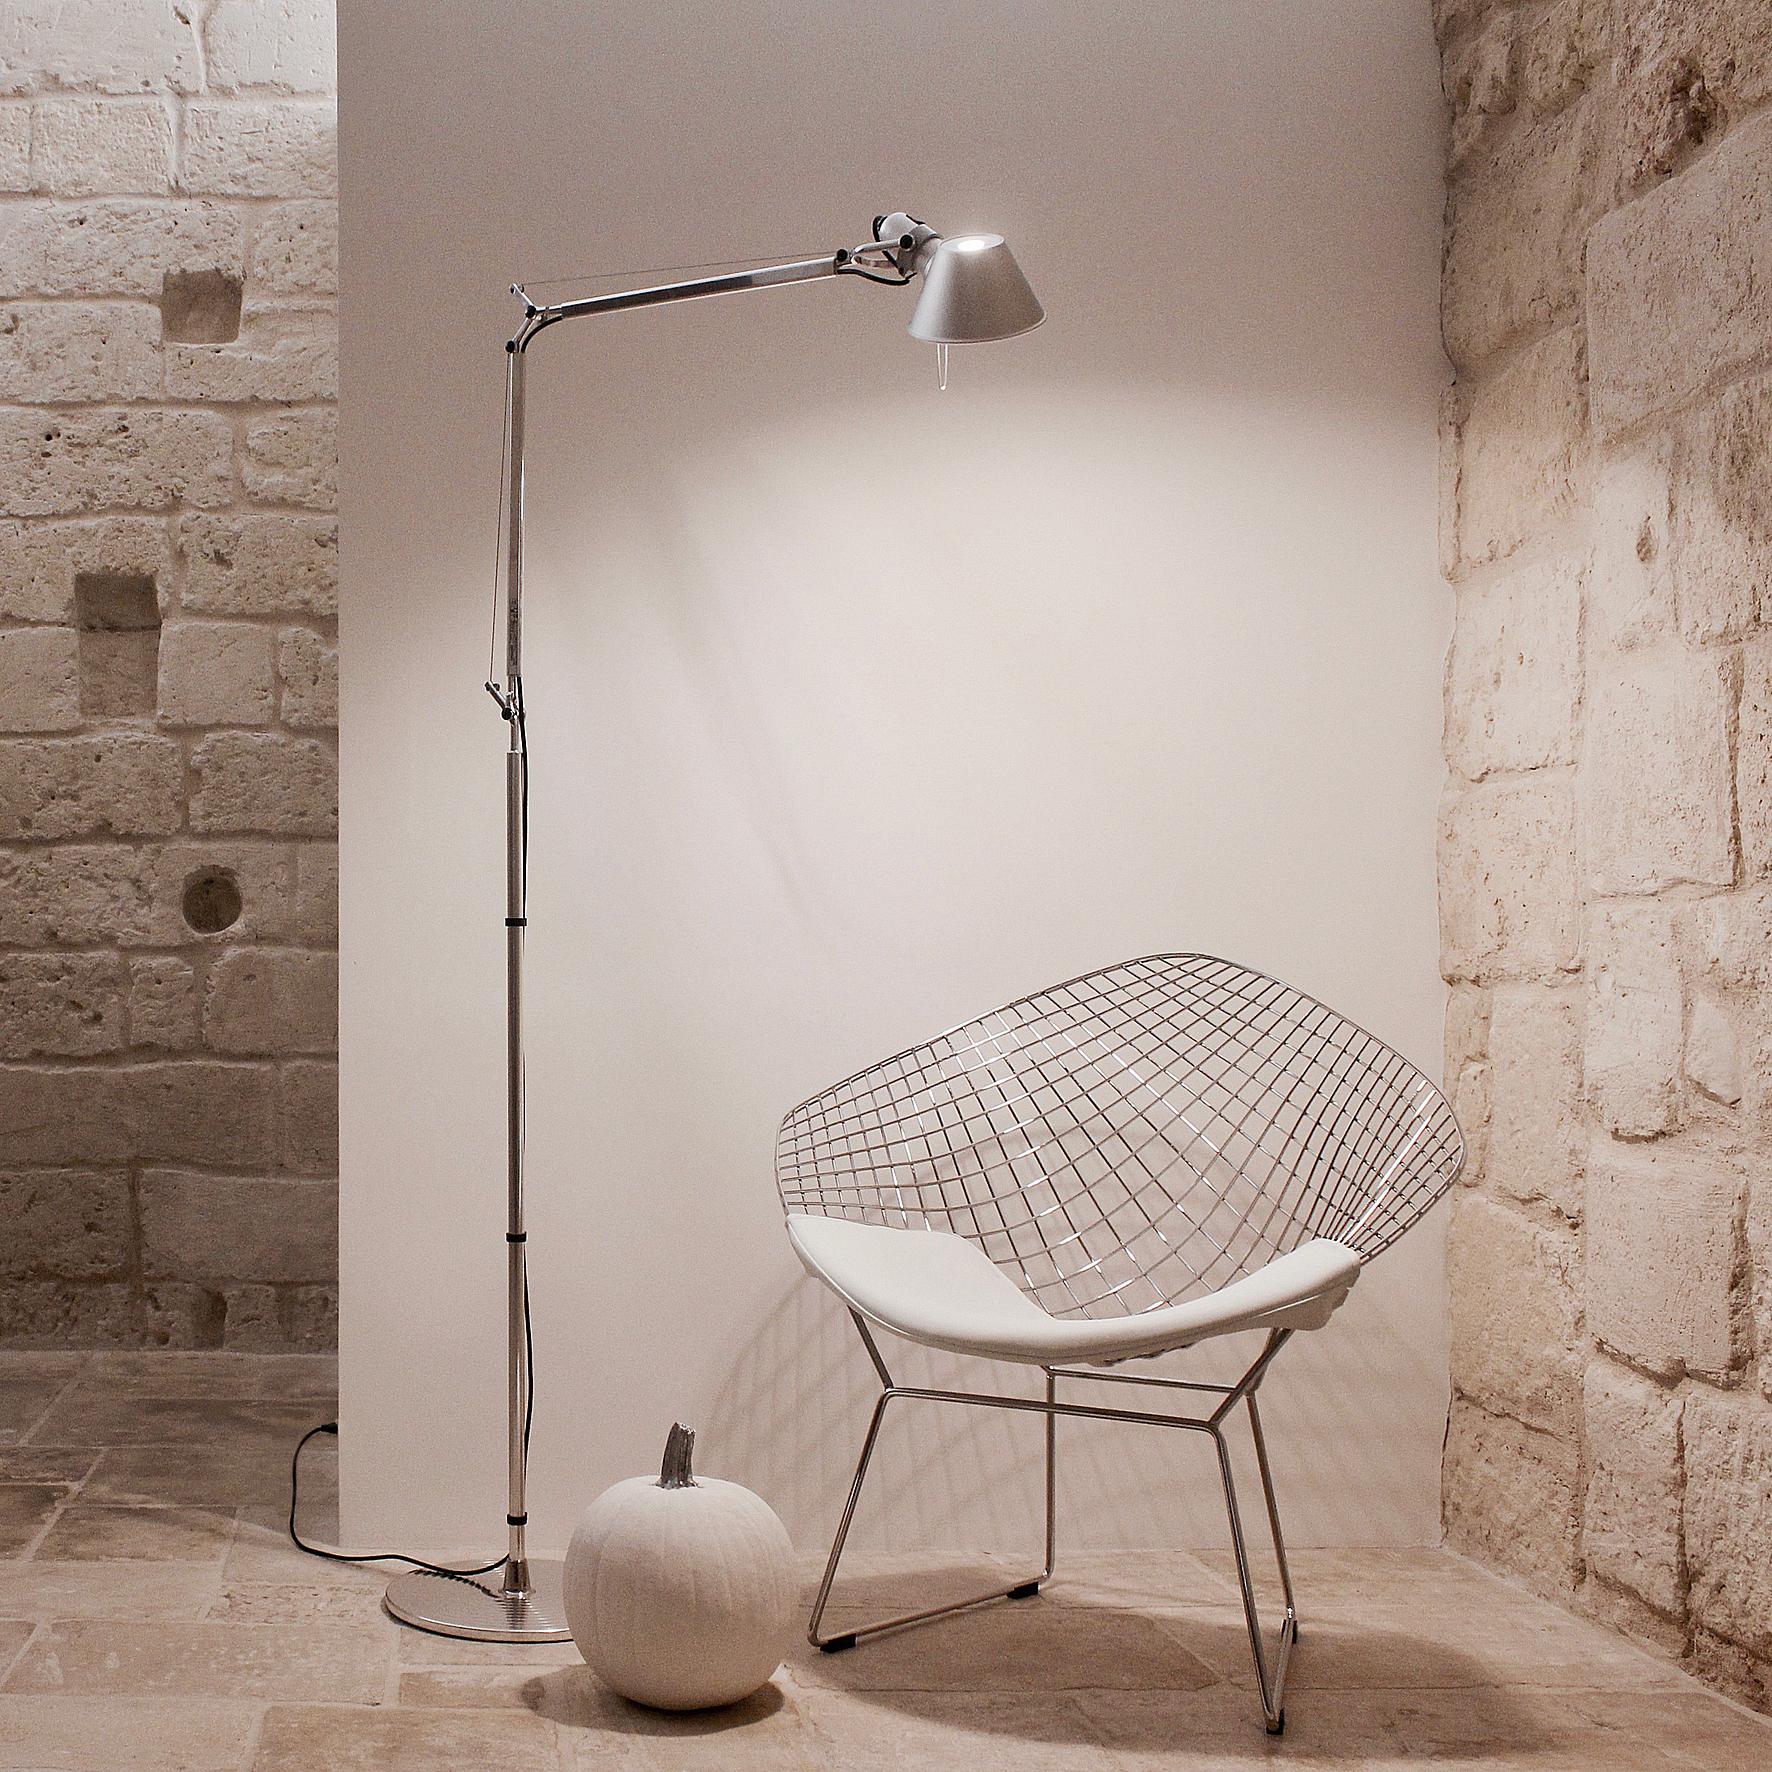 nicola-castellano-designer-bari